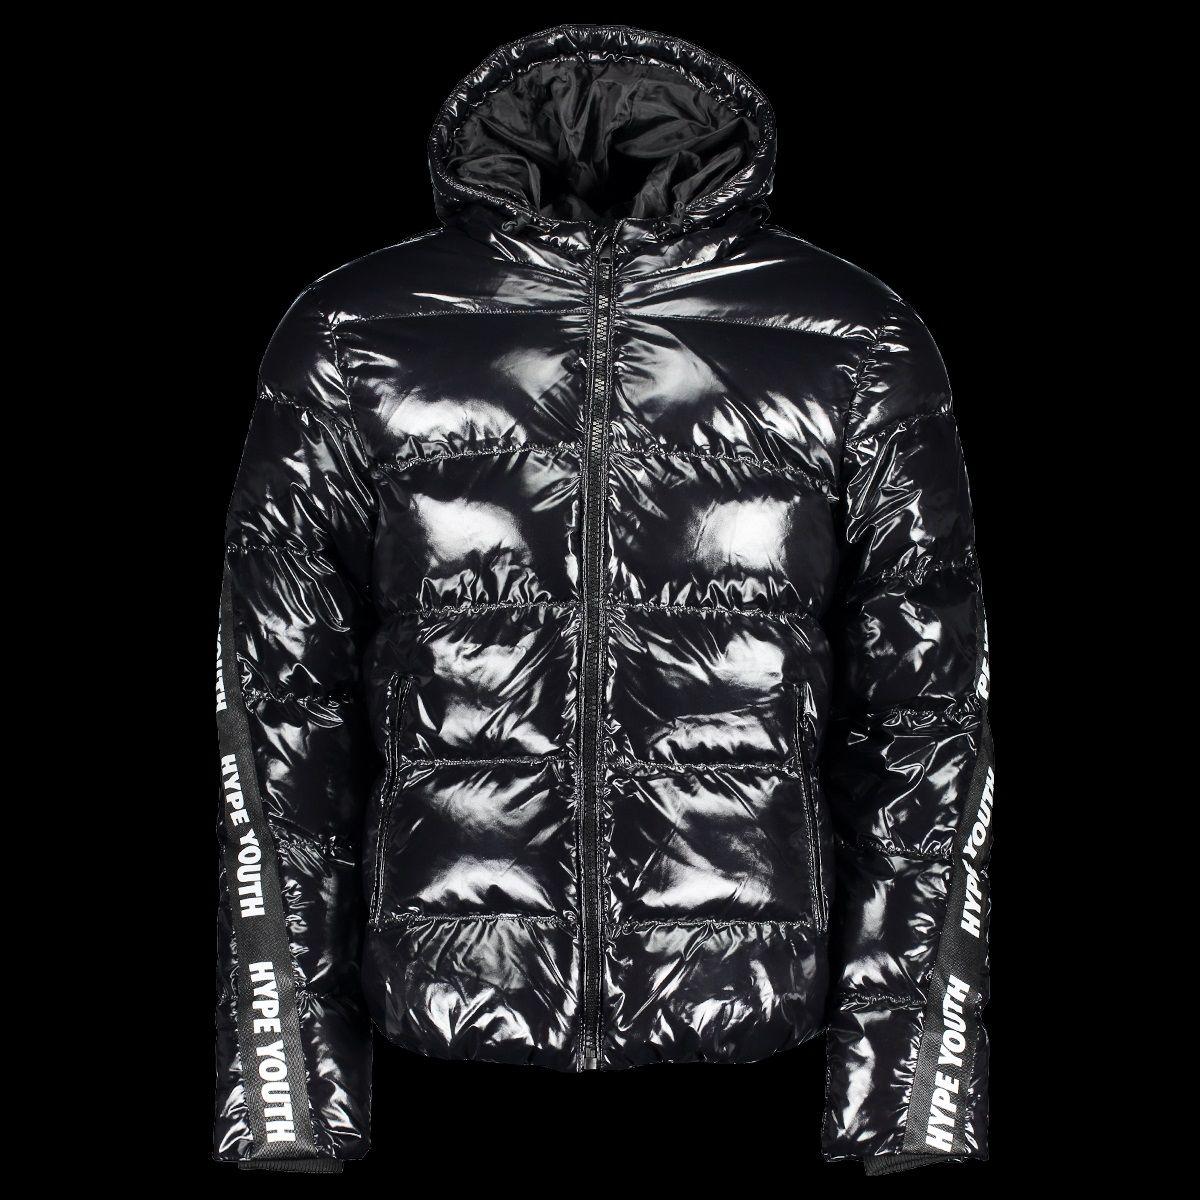 Hype Youth Shiny Black Puffer Jacket Black Puffer Jacket Shiny Jacket Puffer Jackets [ 1200 x 1200 Pixel ]